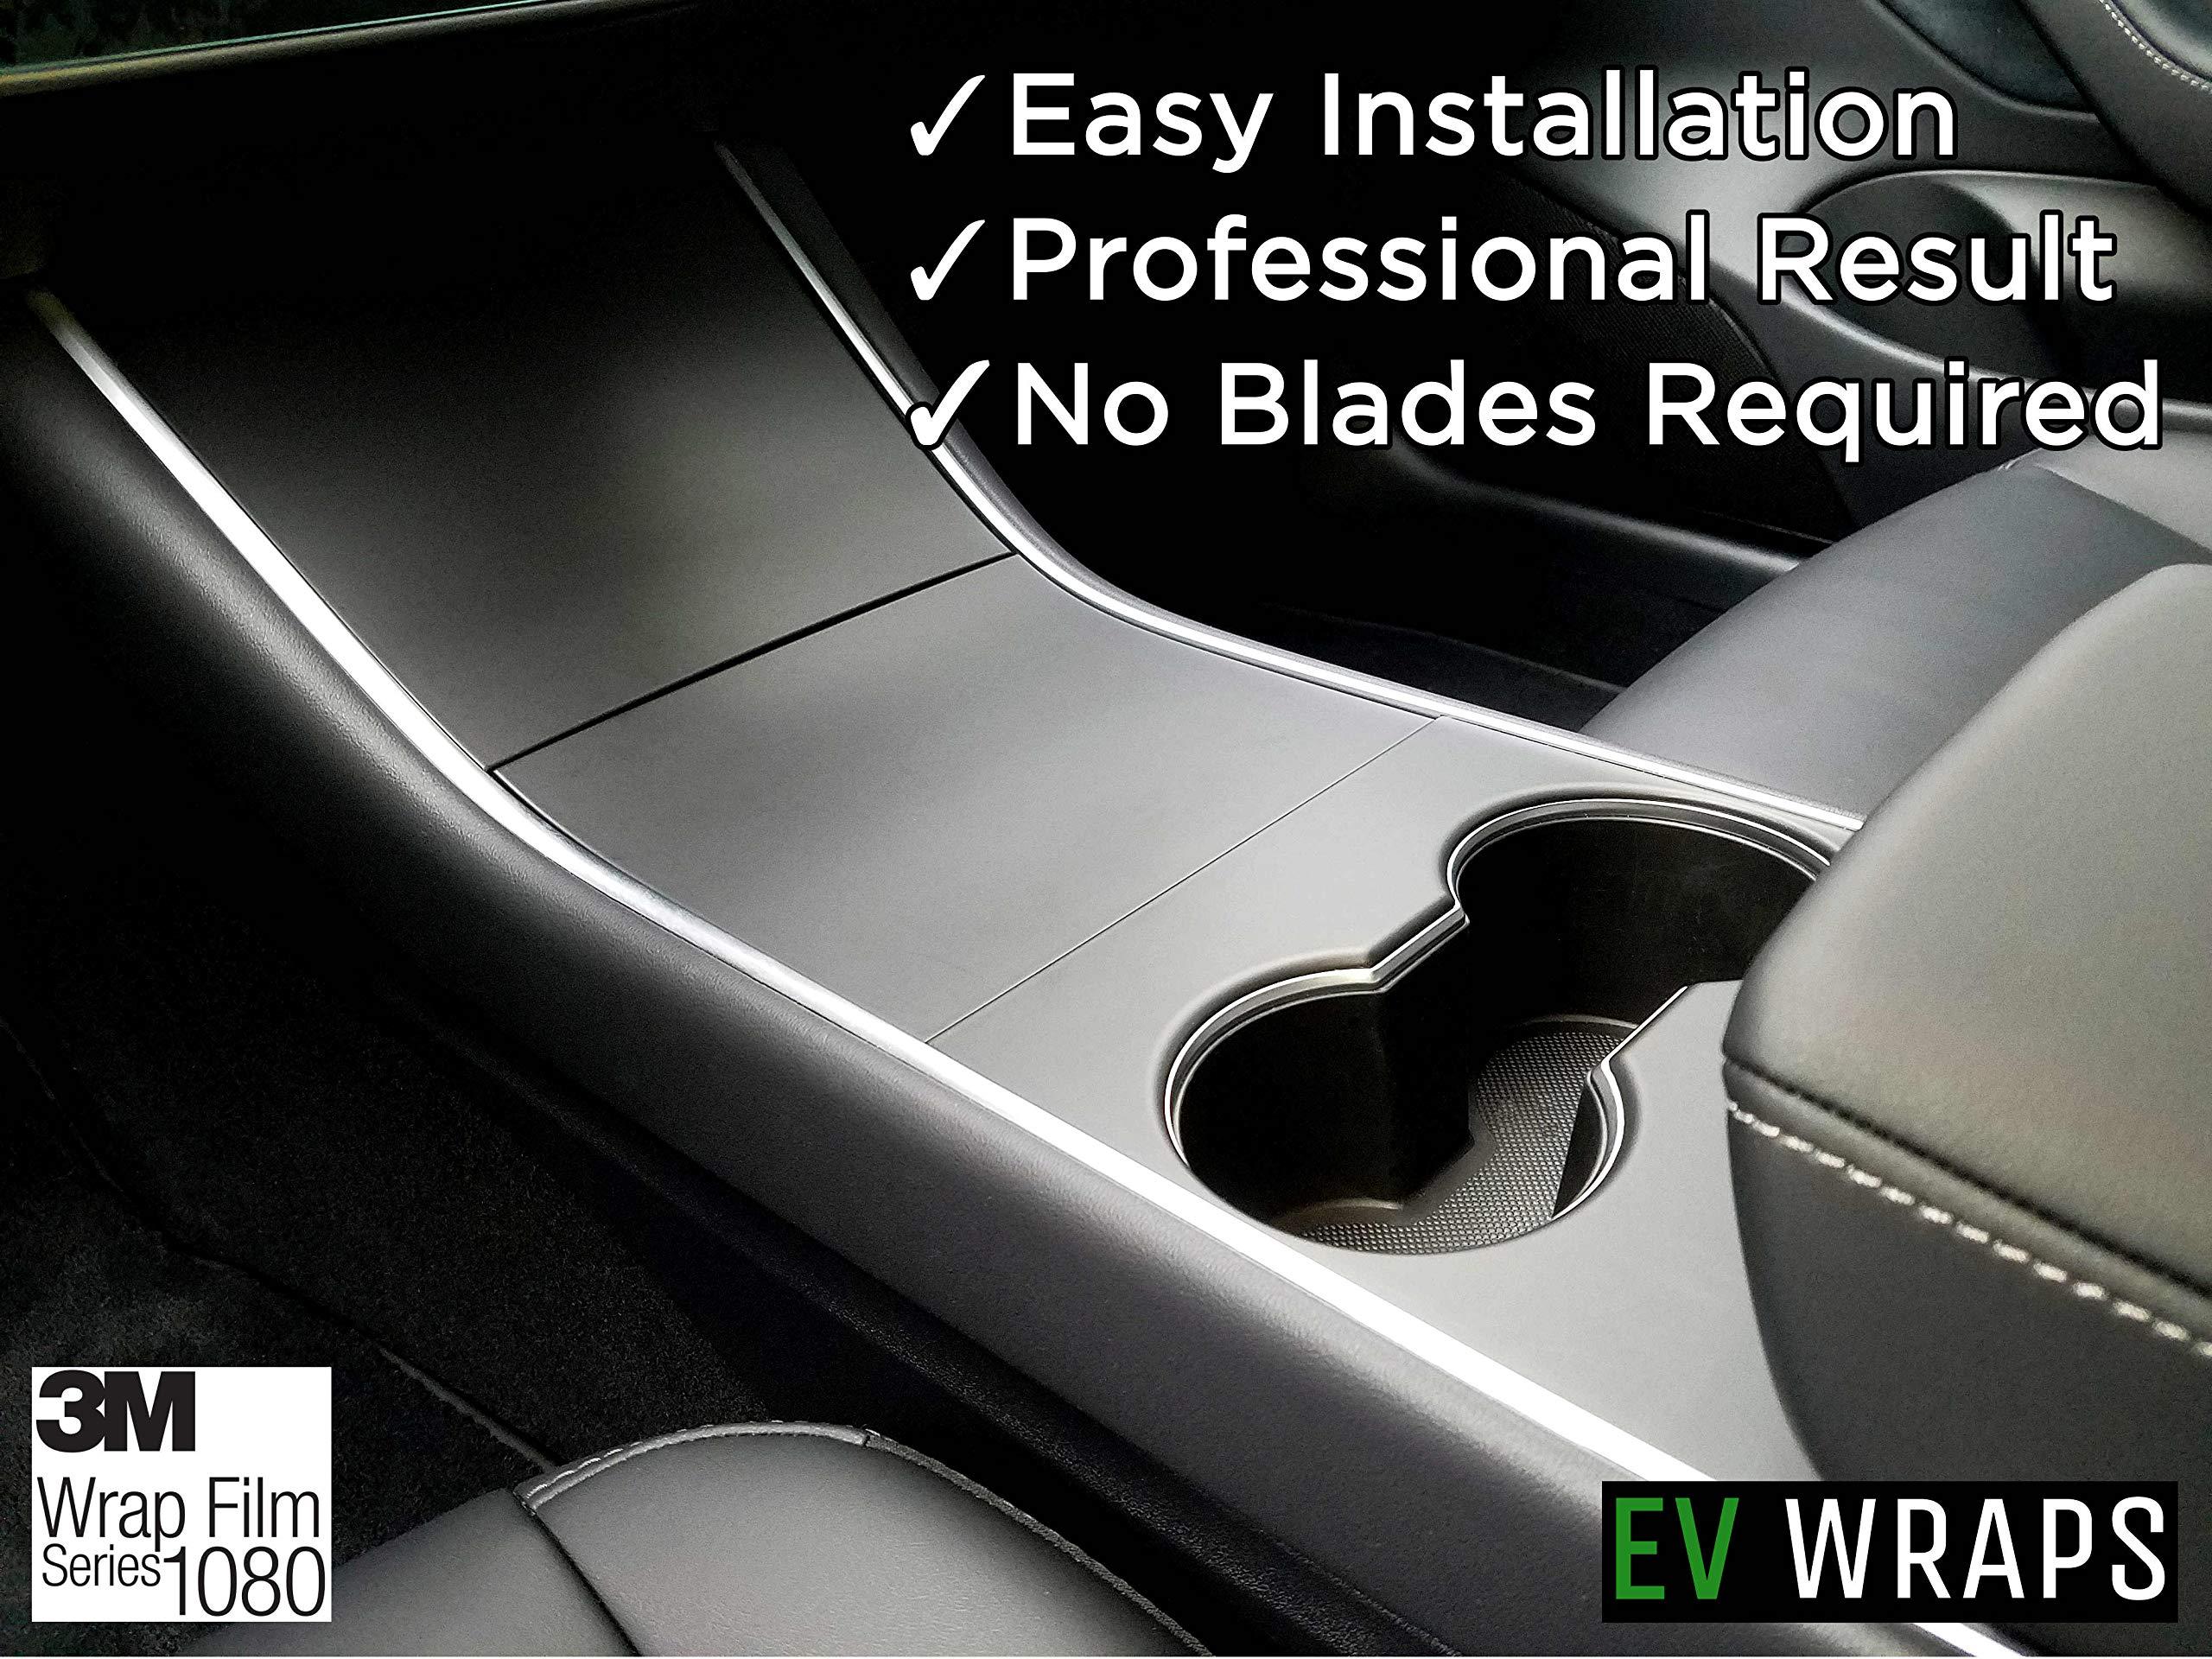 EV Wraps Tesla Model 3 Center Console Wrap - Matte Deep Black by EV Wraps